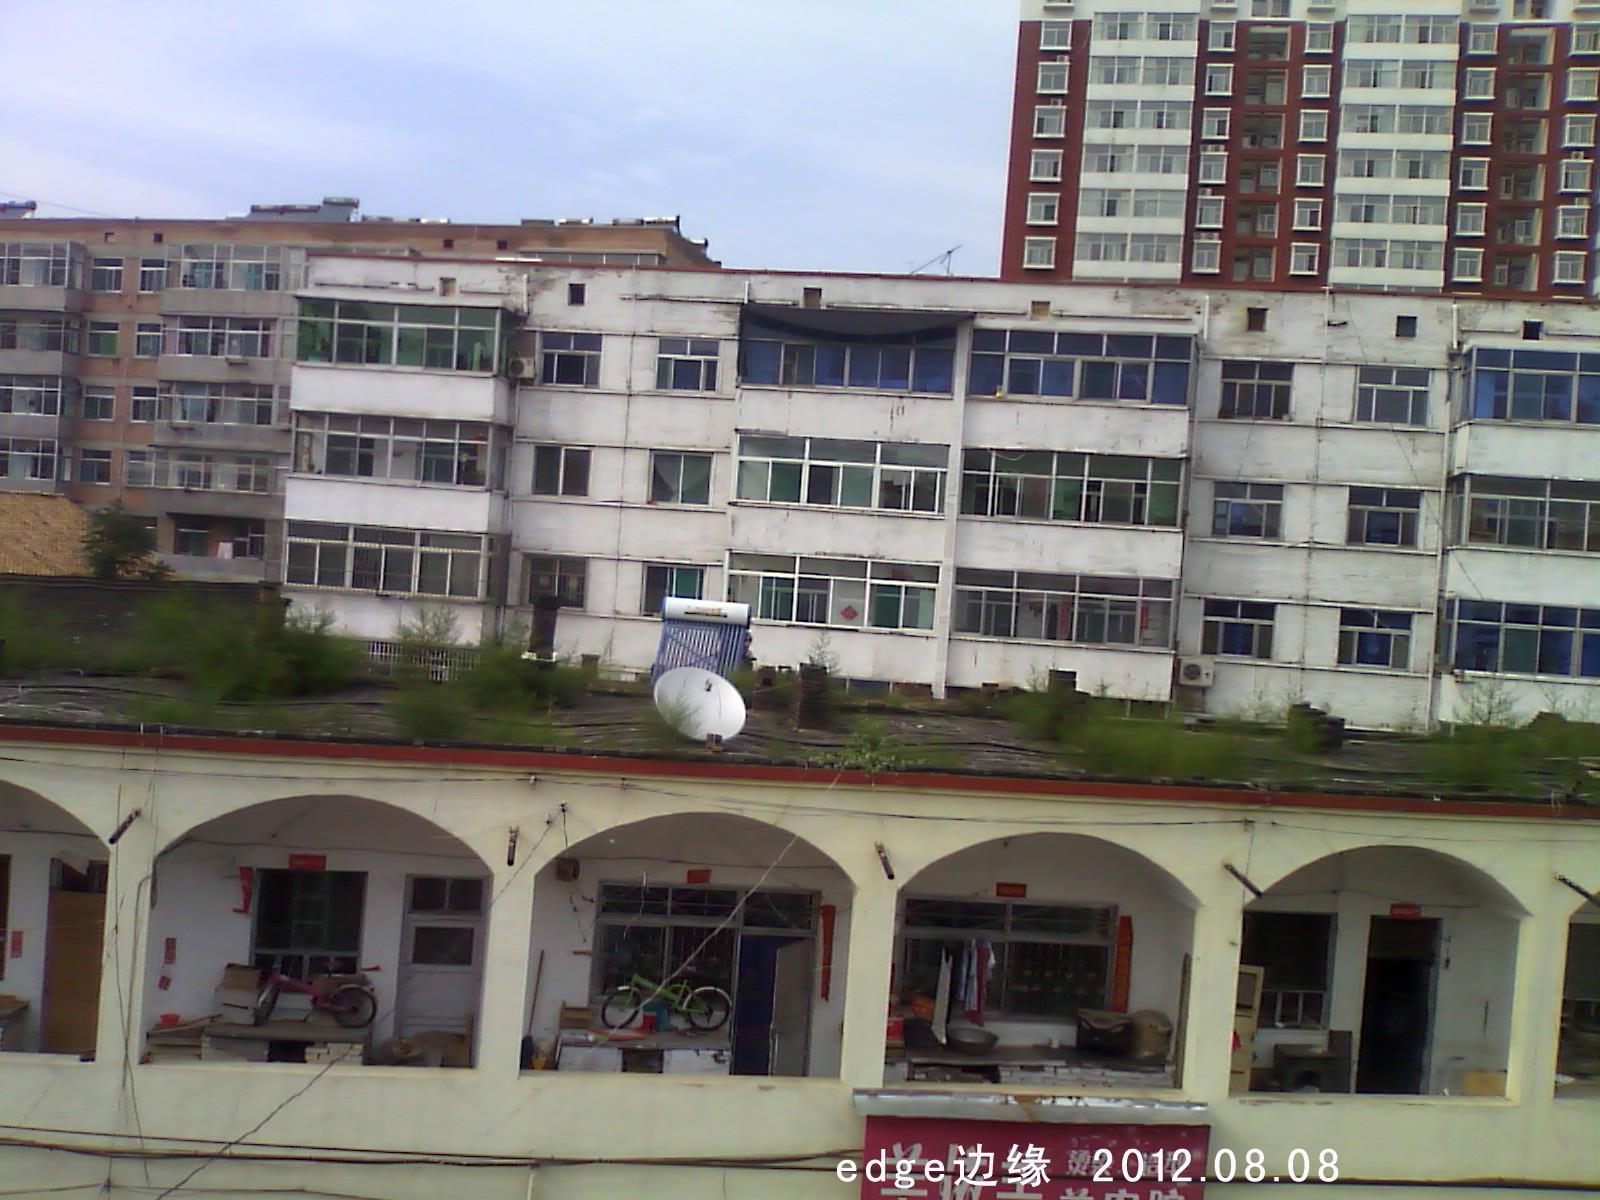 目前中国有3亿人将要买房 未来楼市难下行